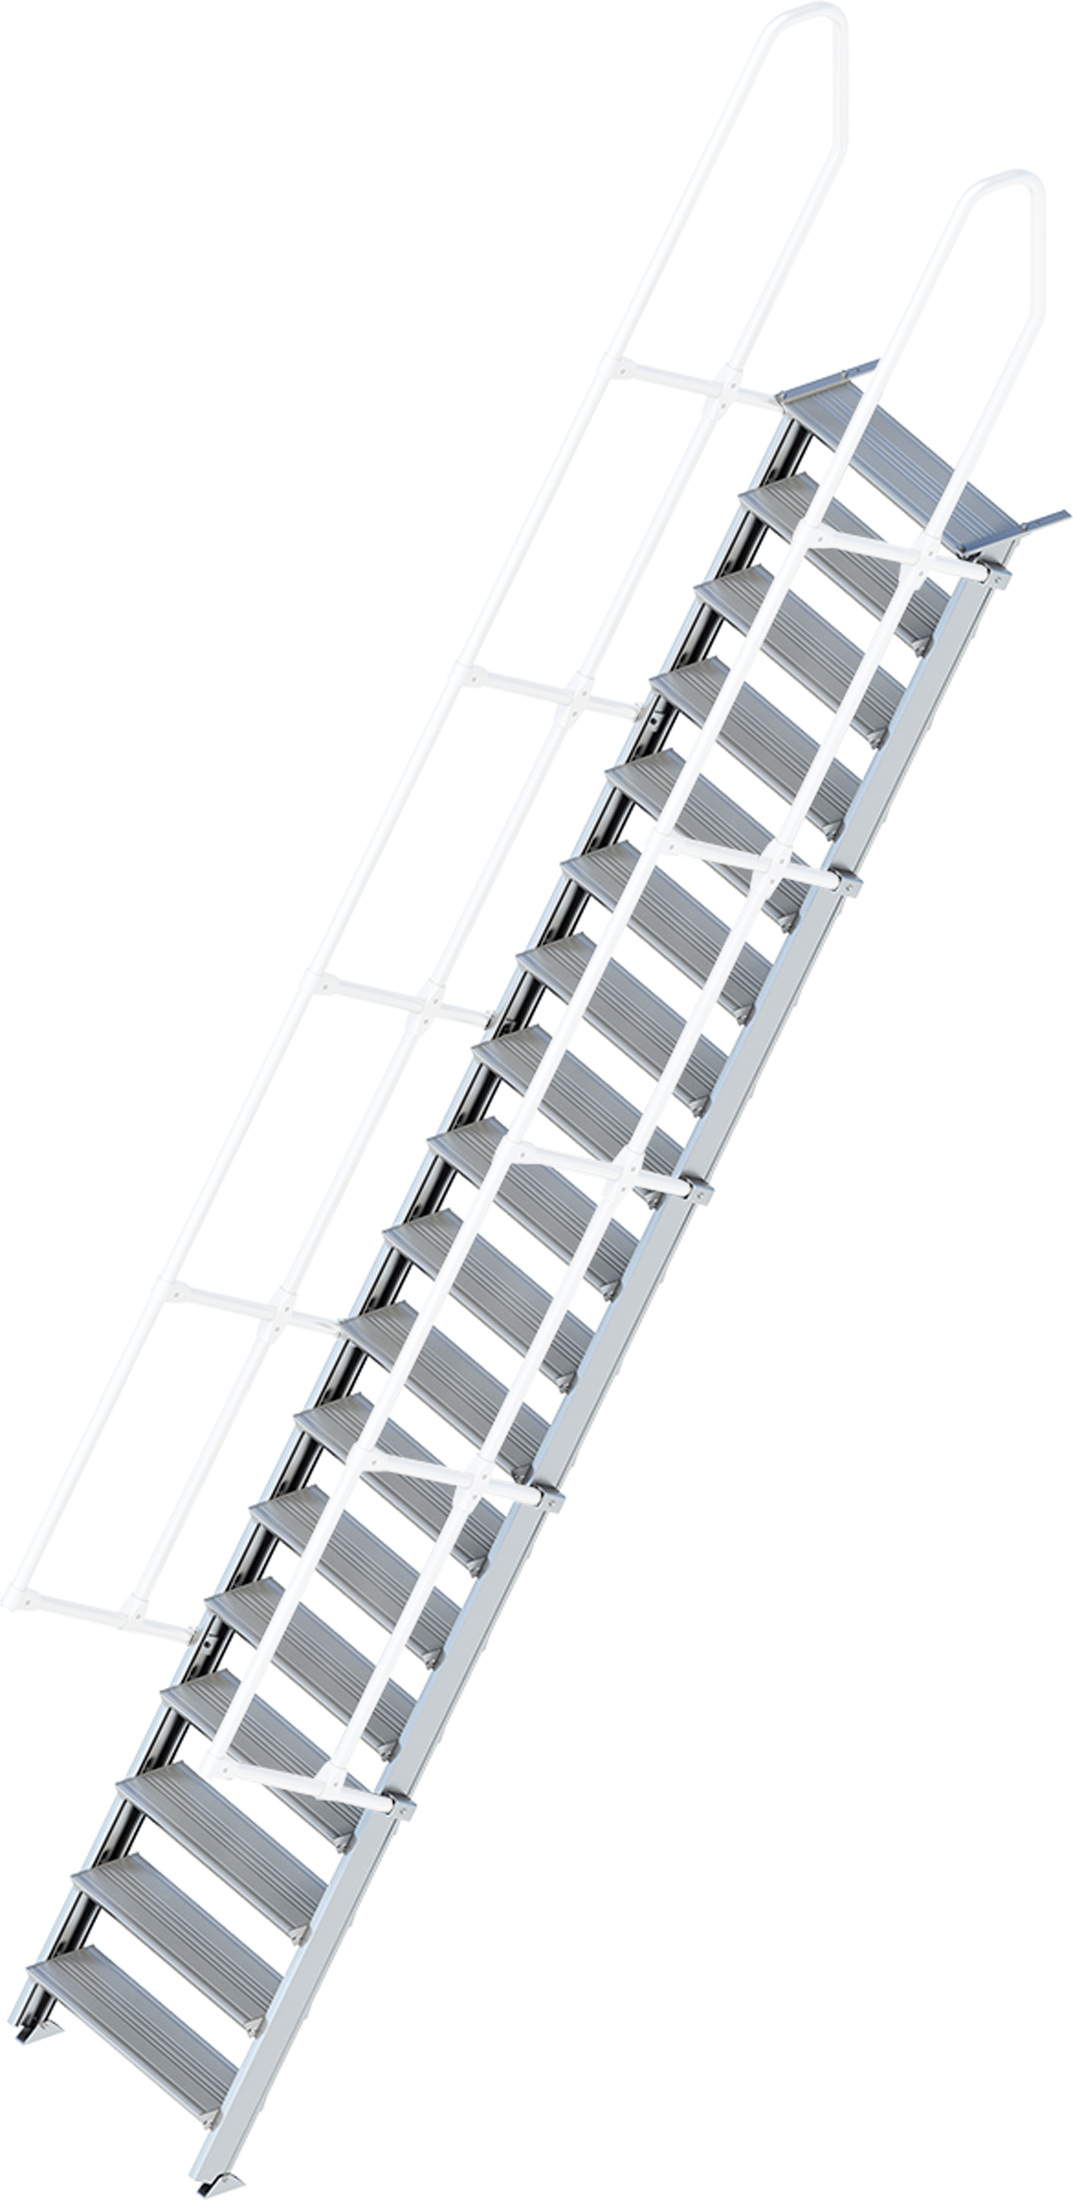 Layher Treppe 60° 18 Stufen - 800 mm breit